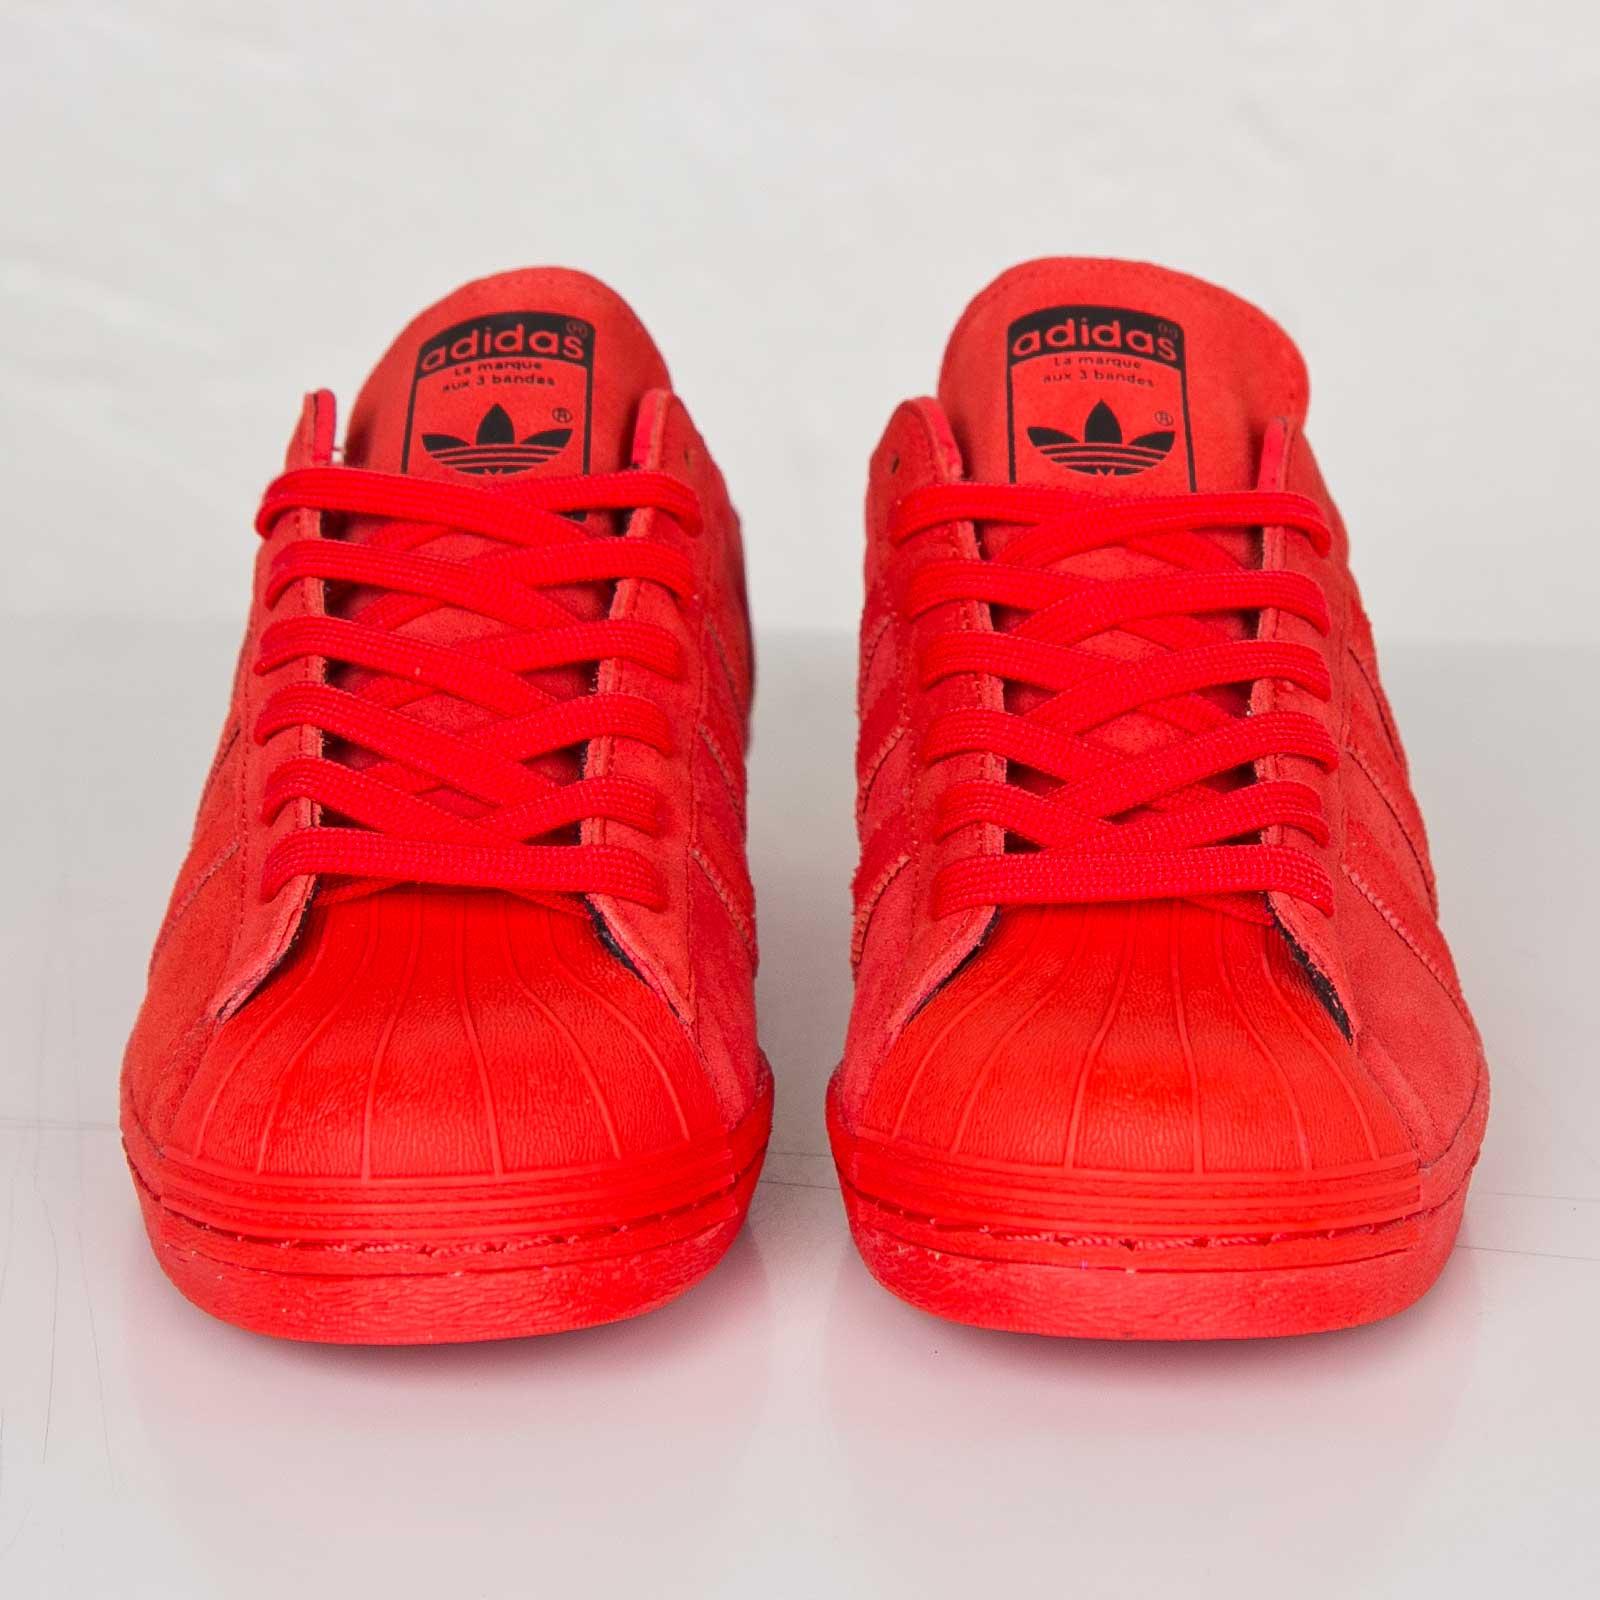 Original For Sale Adidas Superstar 80s City Series